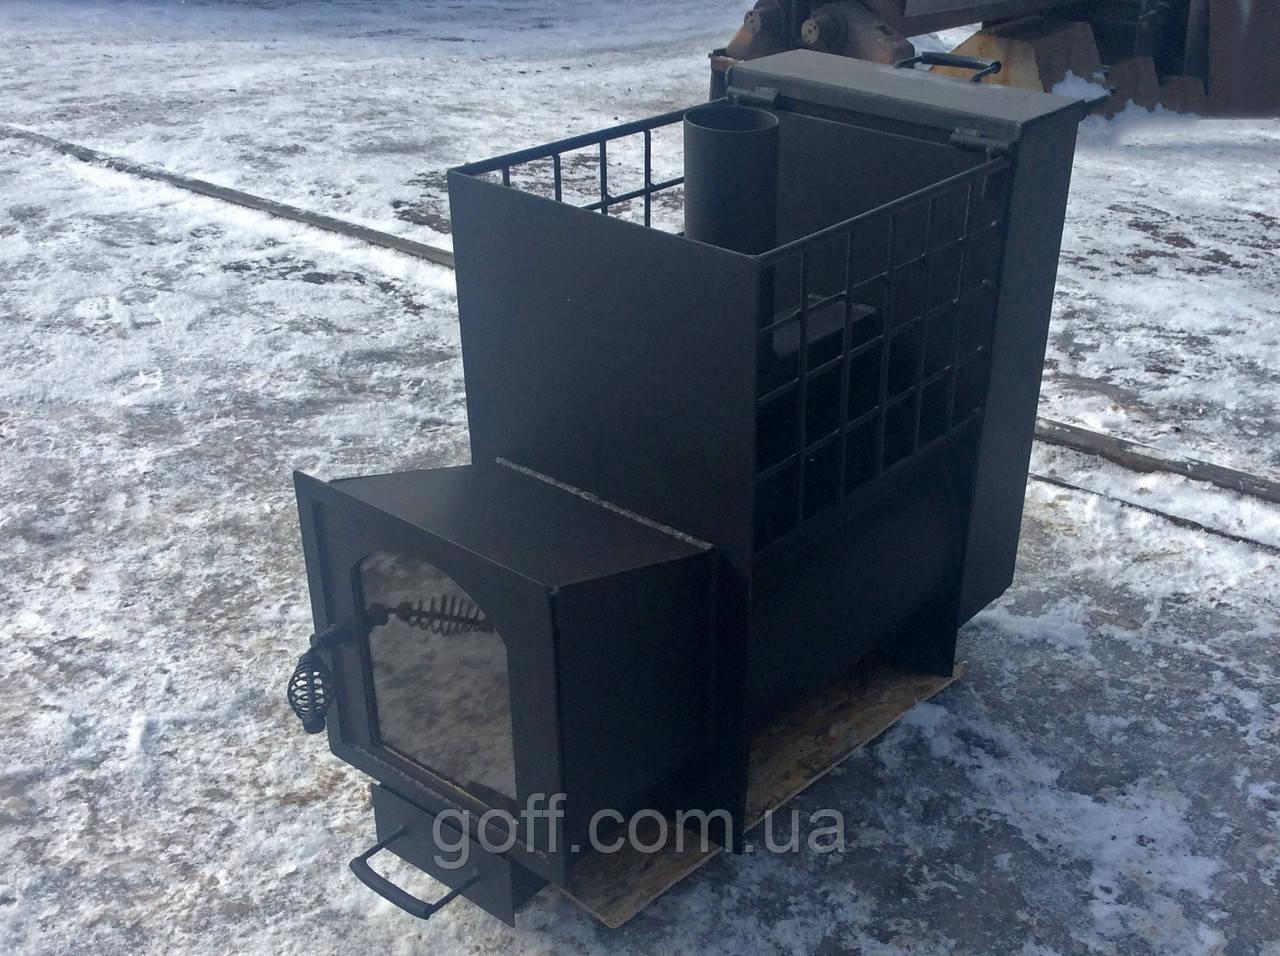 Банная печь с панорамным окном и баком для воды 50 литров